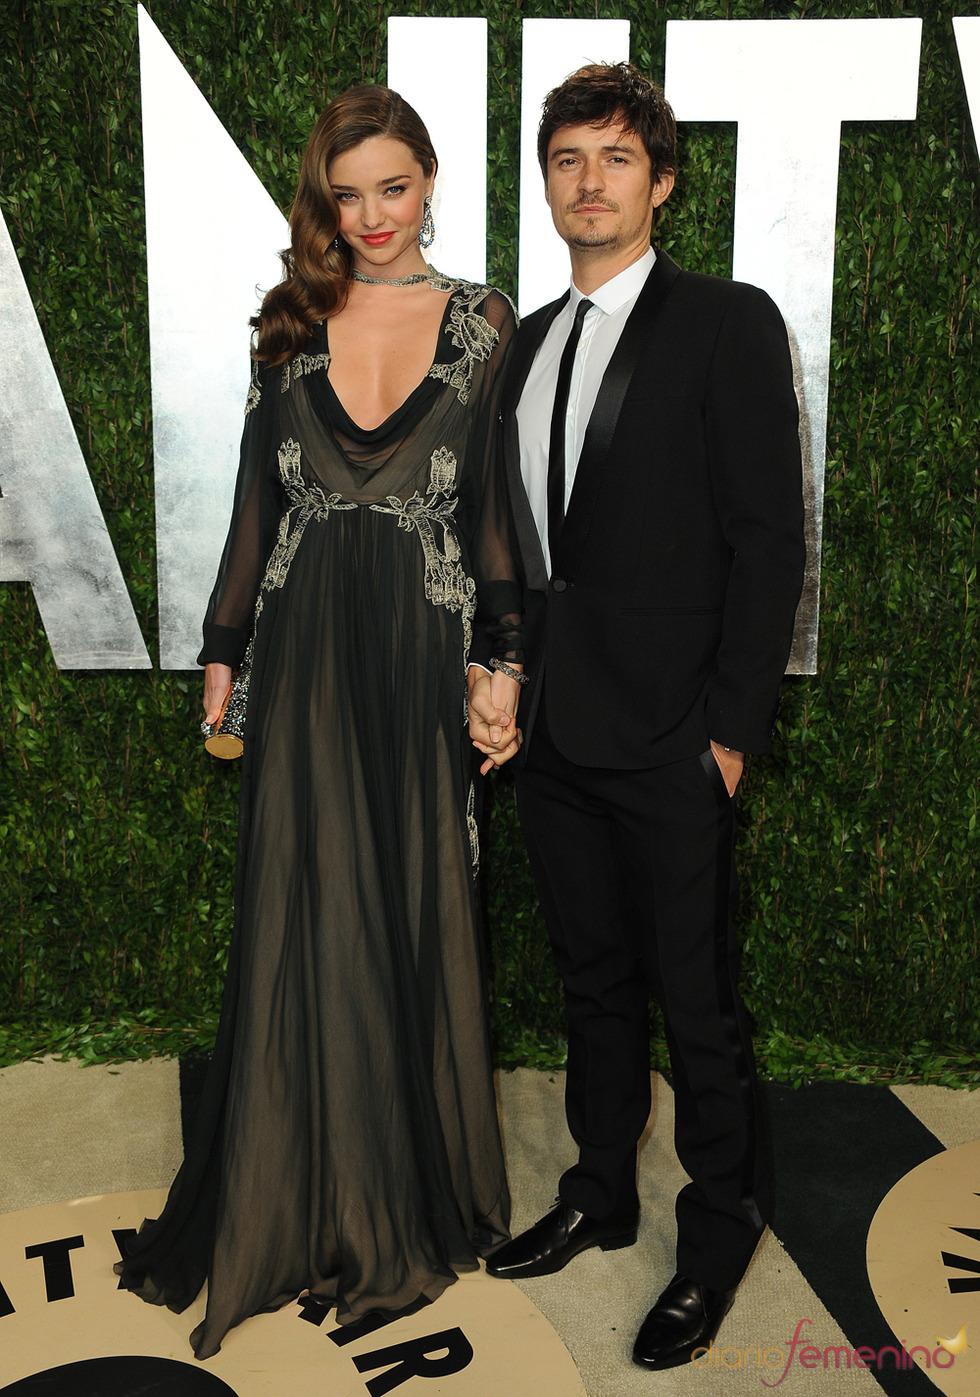 Miranda Kerr y Orlando Bloom en la fiesta de Vanity celebrada tras los Oscar 2013